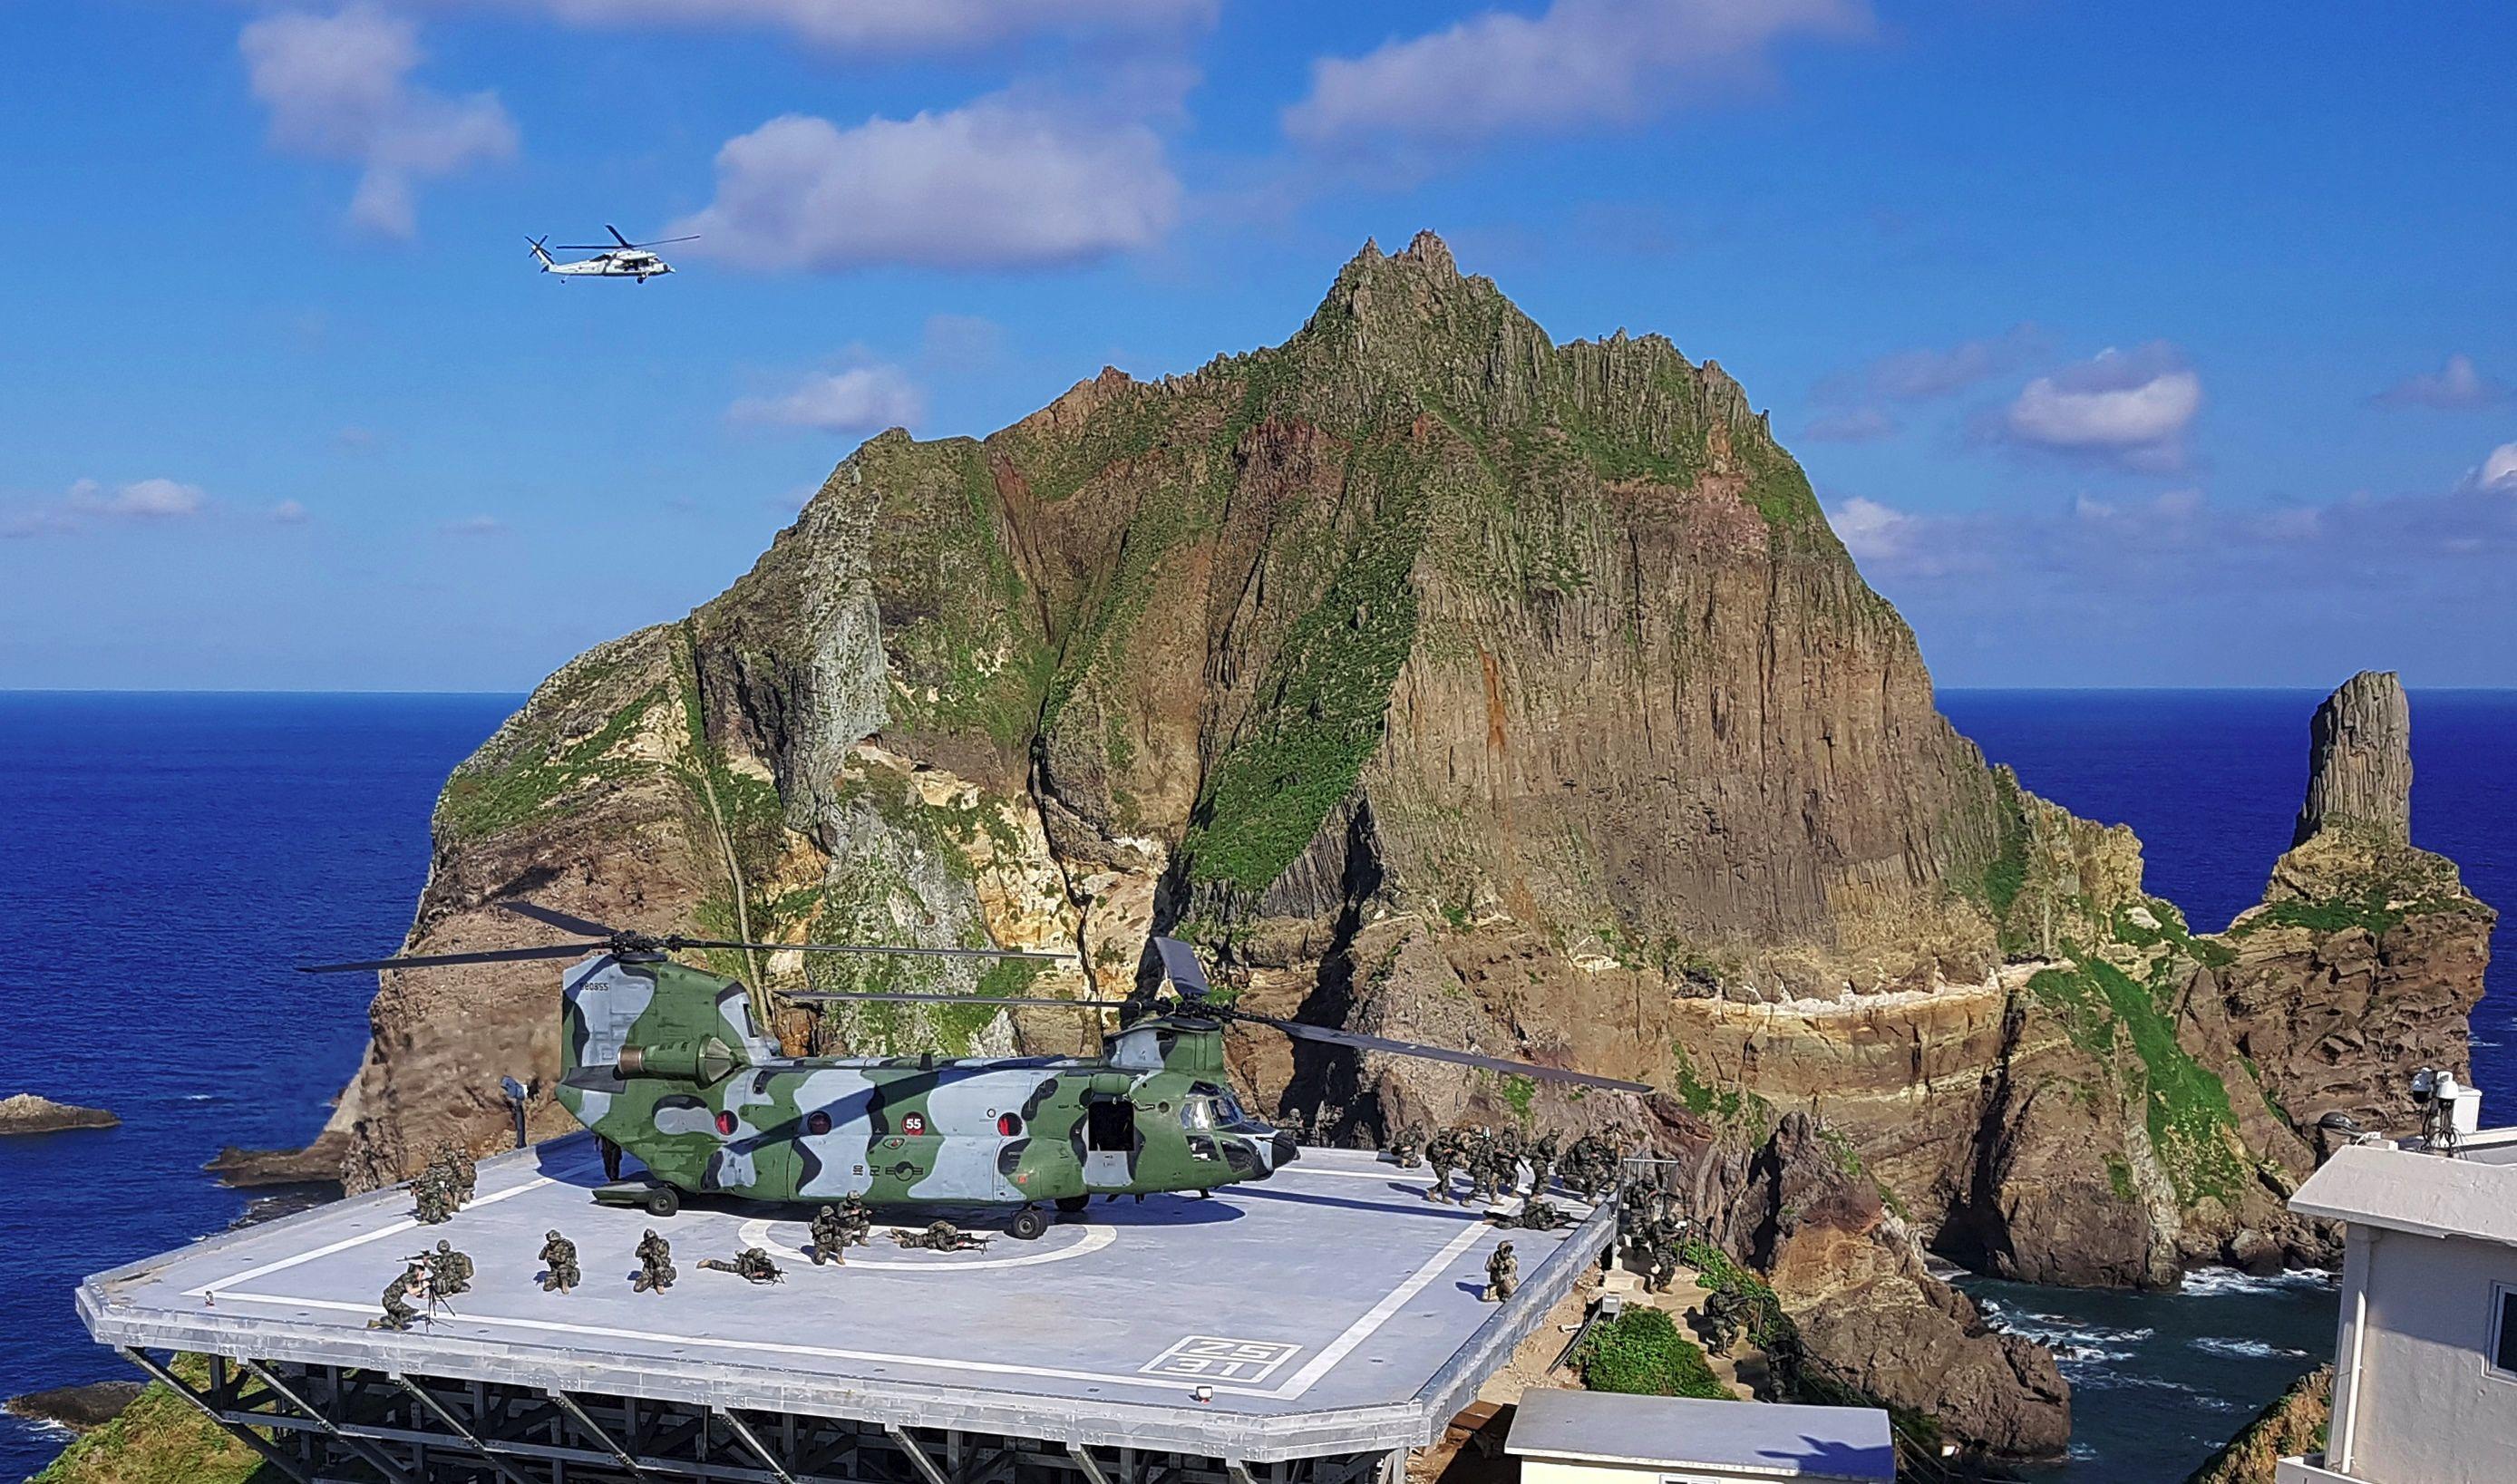 Marinha da Coreia do Sul durante os exercícios chamados de 'Treinos de defesa dos territórios no mar do Japão', 25 de agosto de 2019